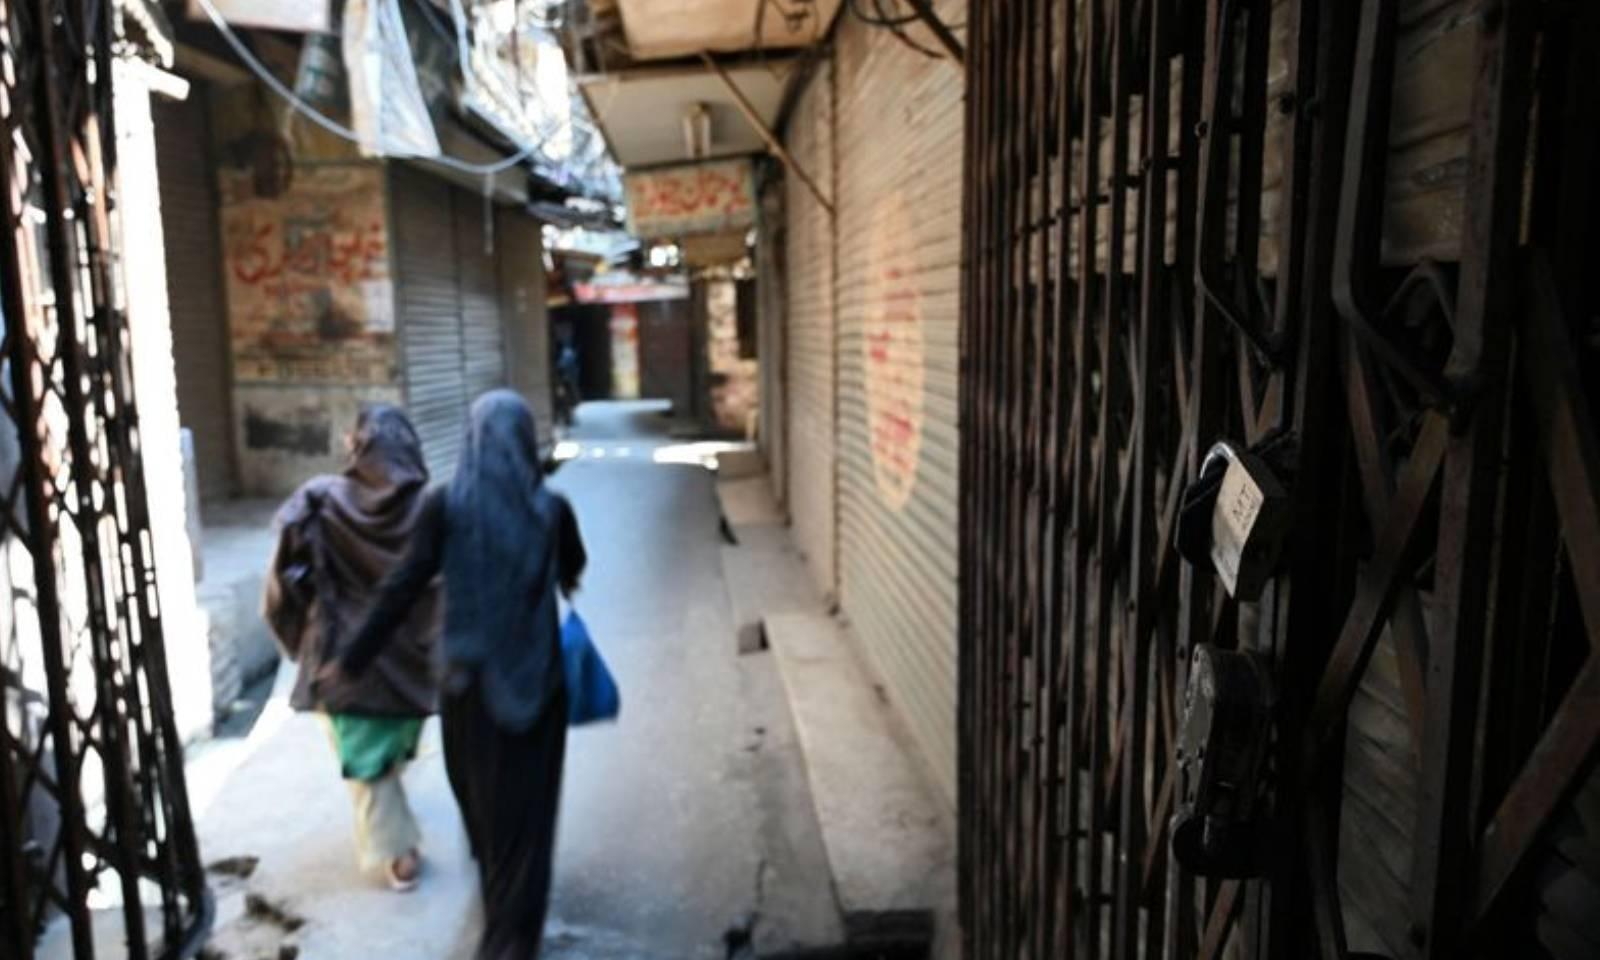 راولپنڈی میں بھی کورونا کی وجہ سے مارکیٹیں بند ہیں —فوٹو: اے ایف پی